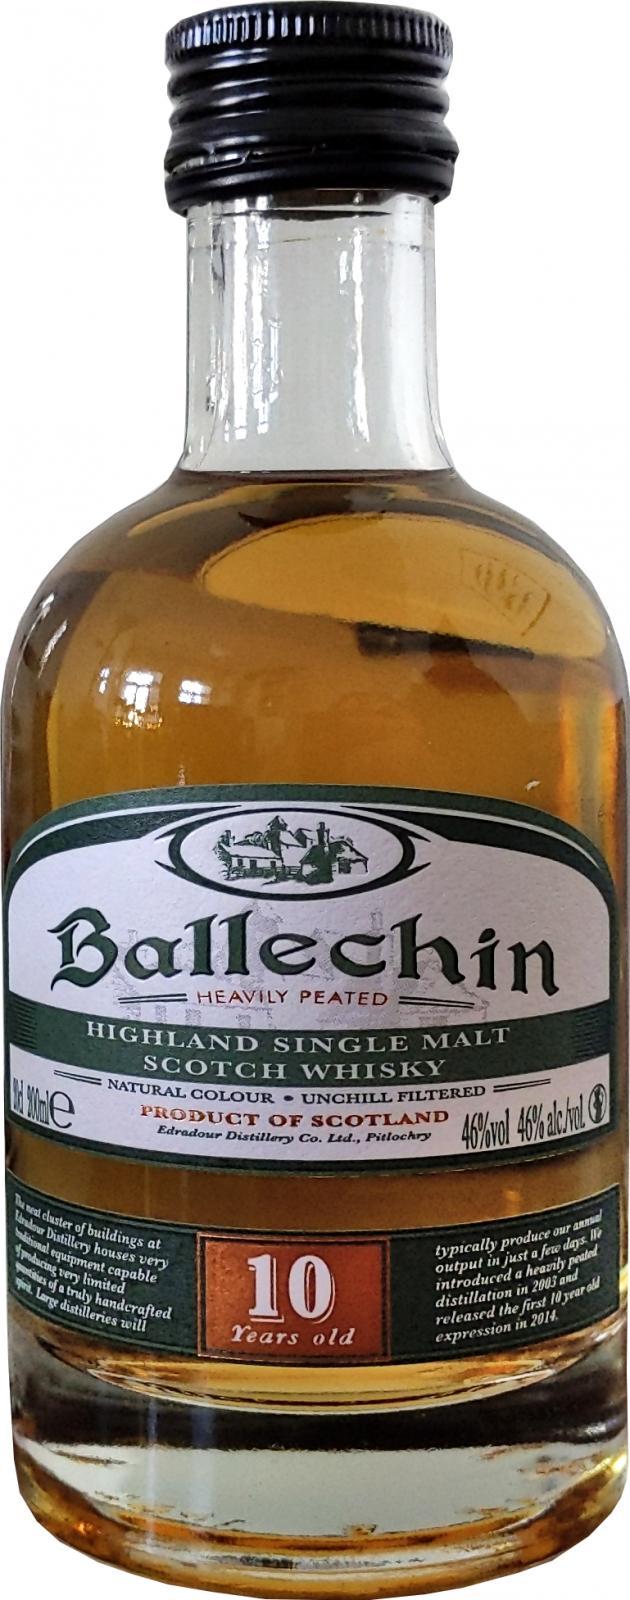 Ballechin 10-year-old